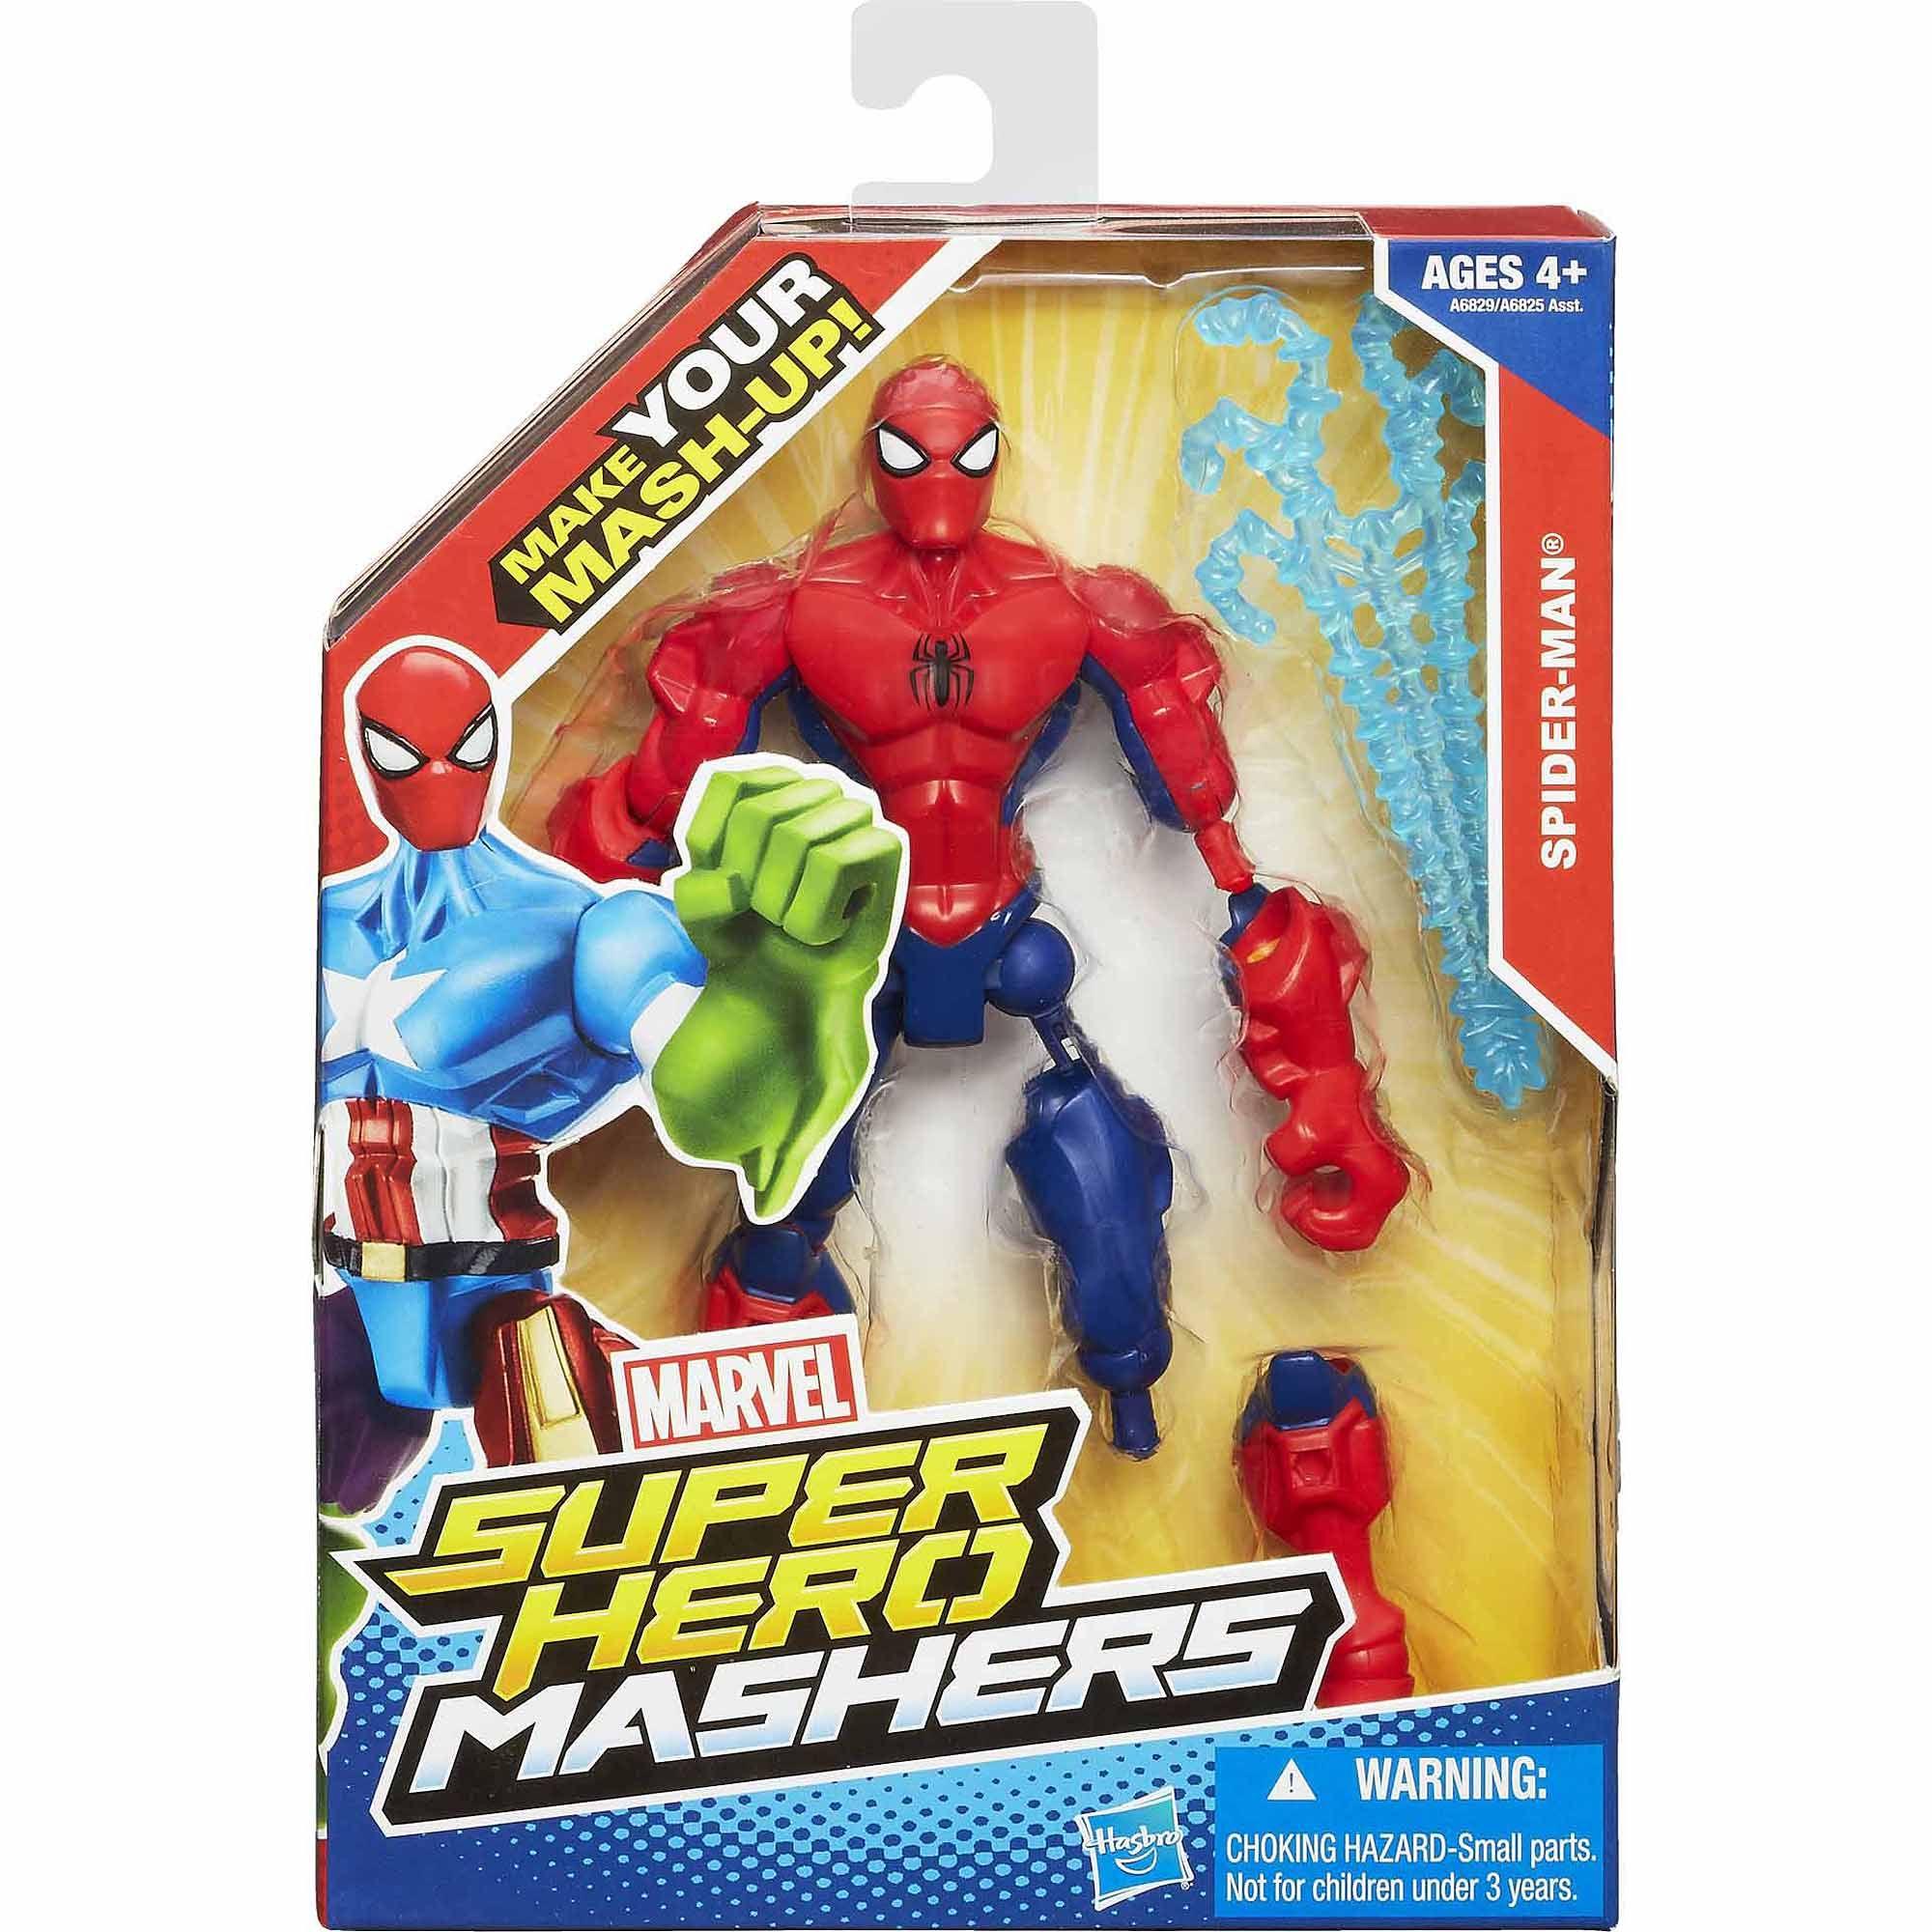 Walmart Toys For Boys Avengers : Marvel super hero mashers spider man figure walmart